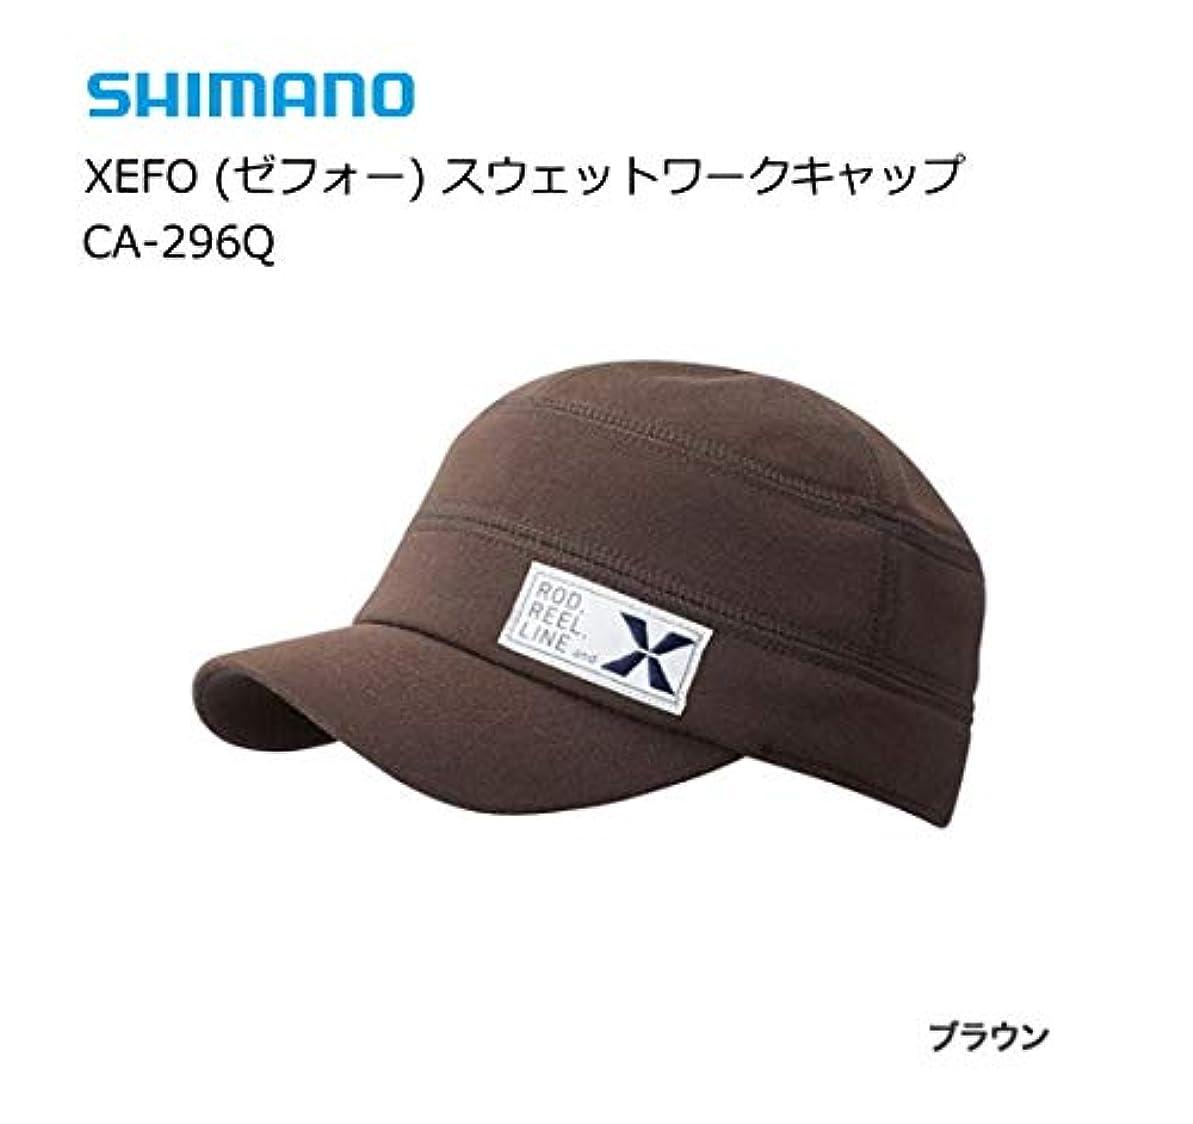 すばらしいですサミュエル助けてシマノ XEFO?スウェットワークキャップ CA-296Q